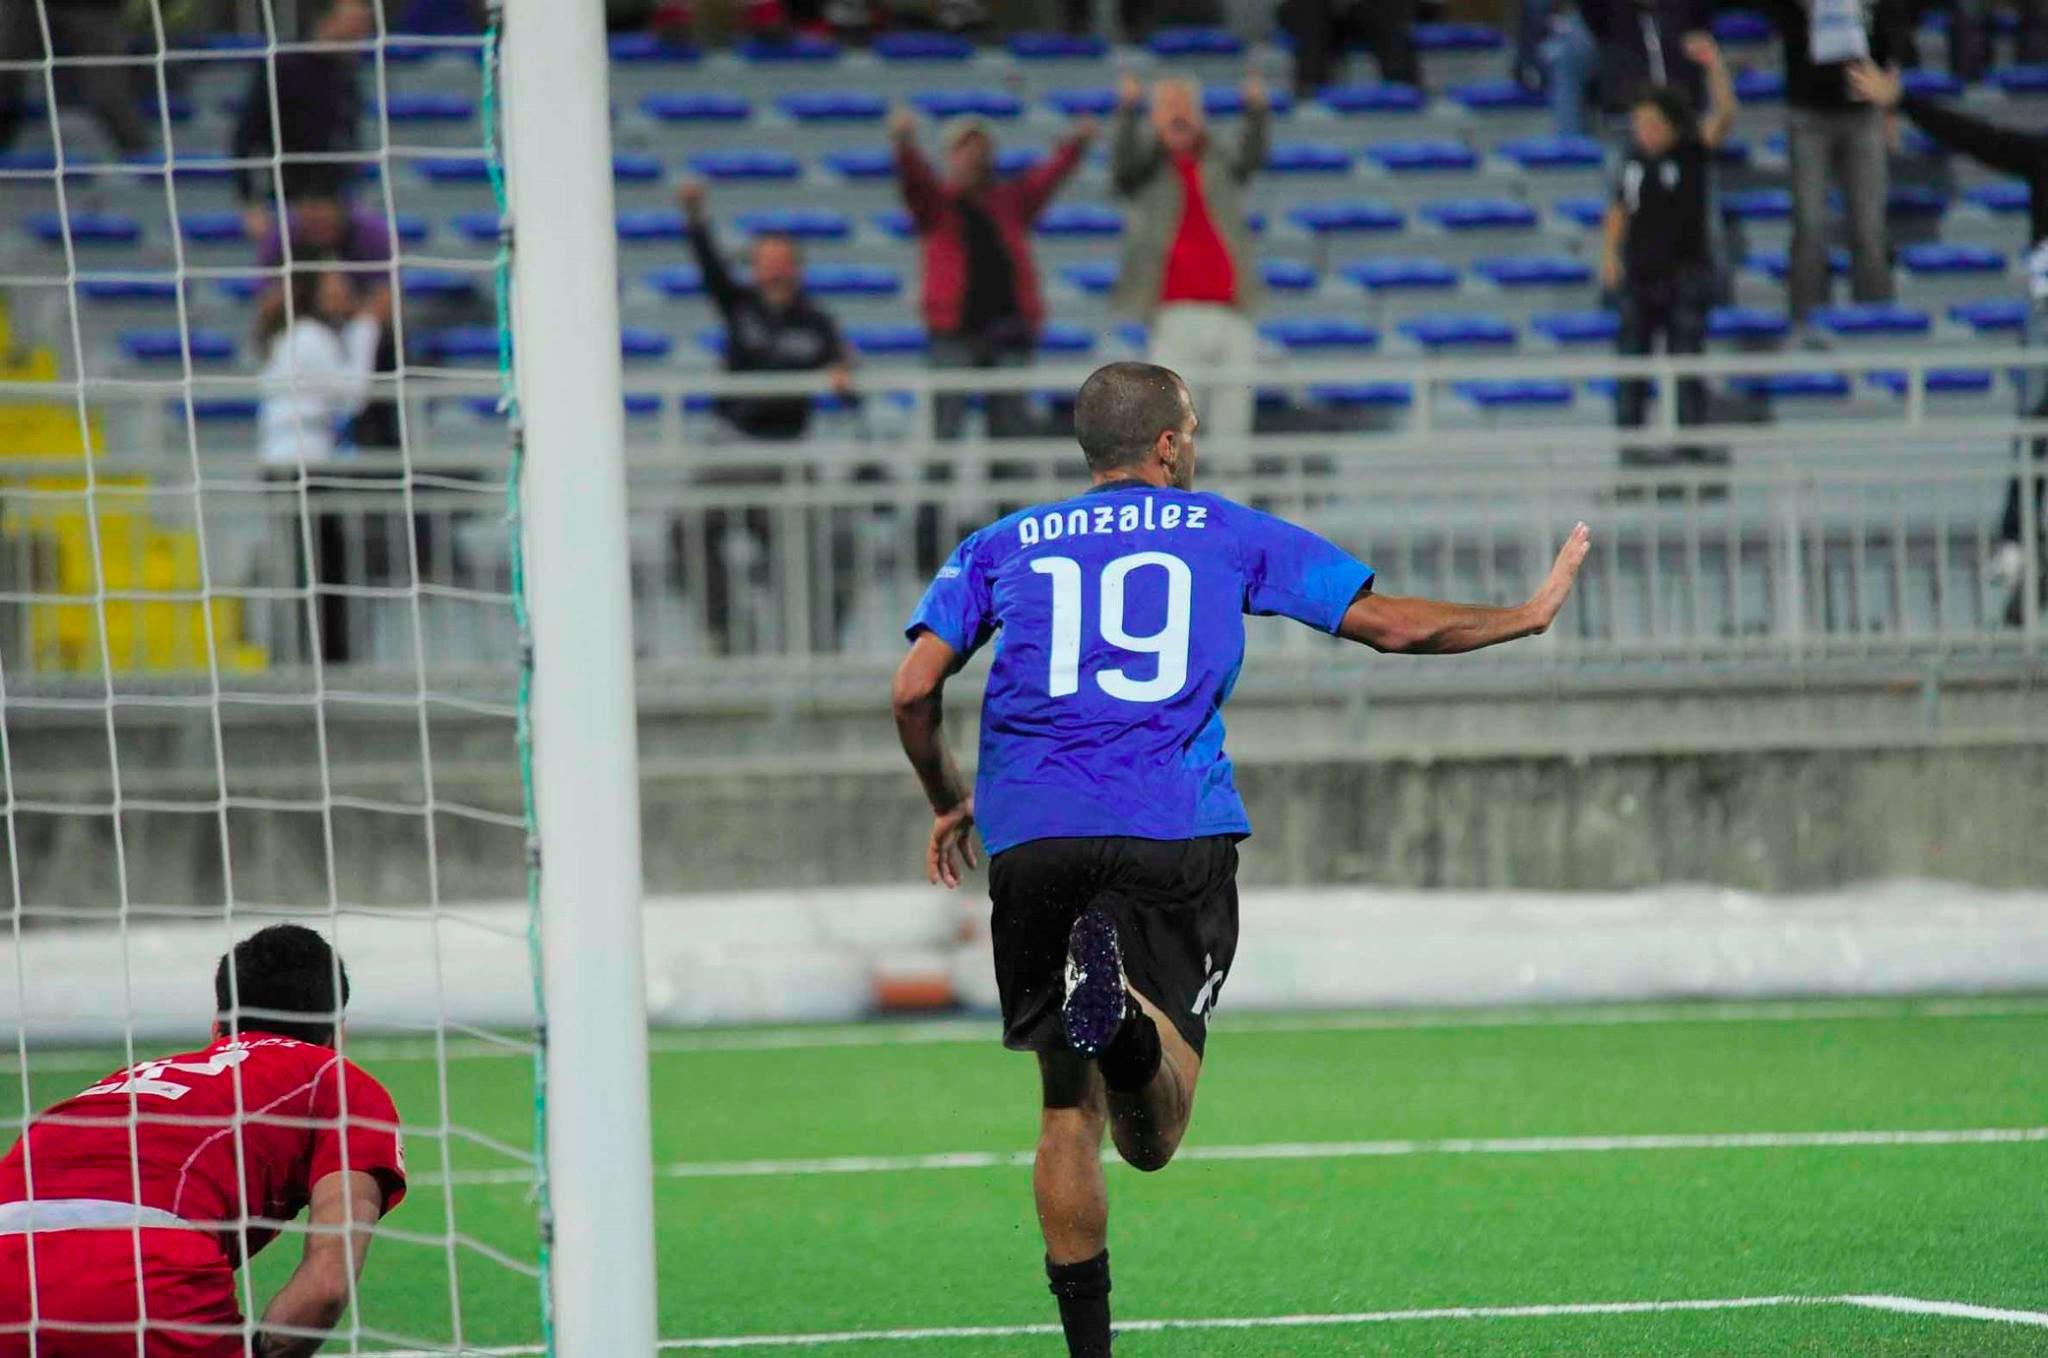 Victoria si aggiudica il derby contro B.C. Novara: finisce 93-73